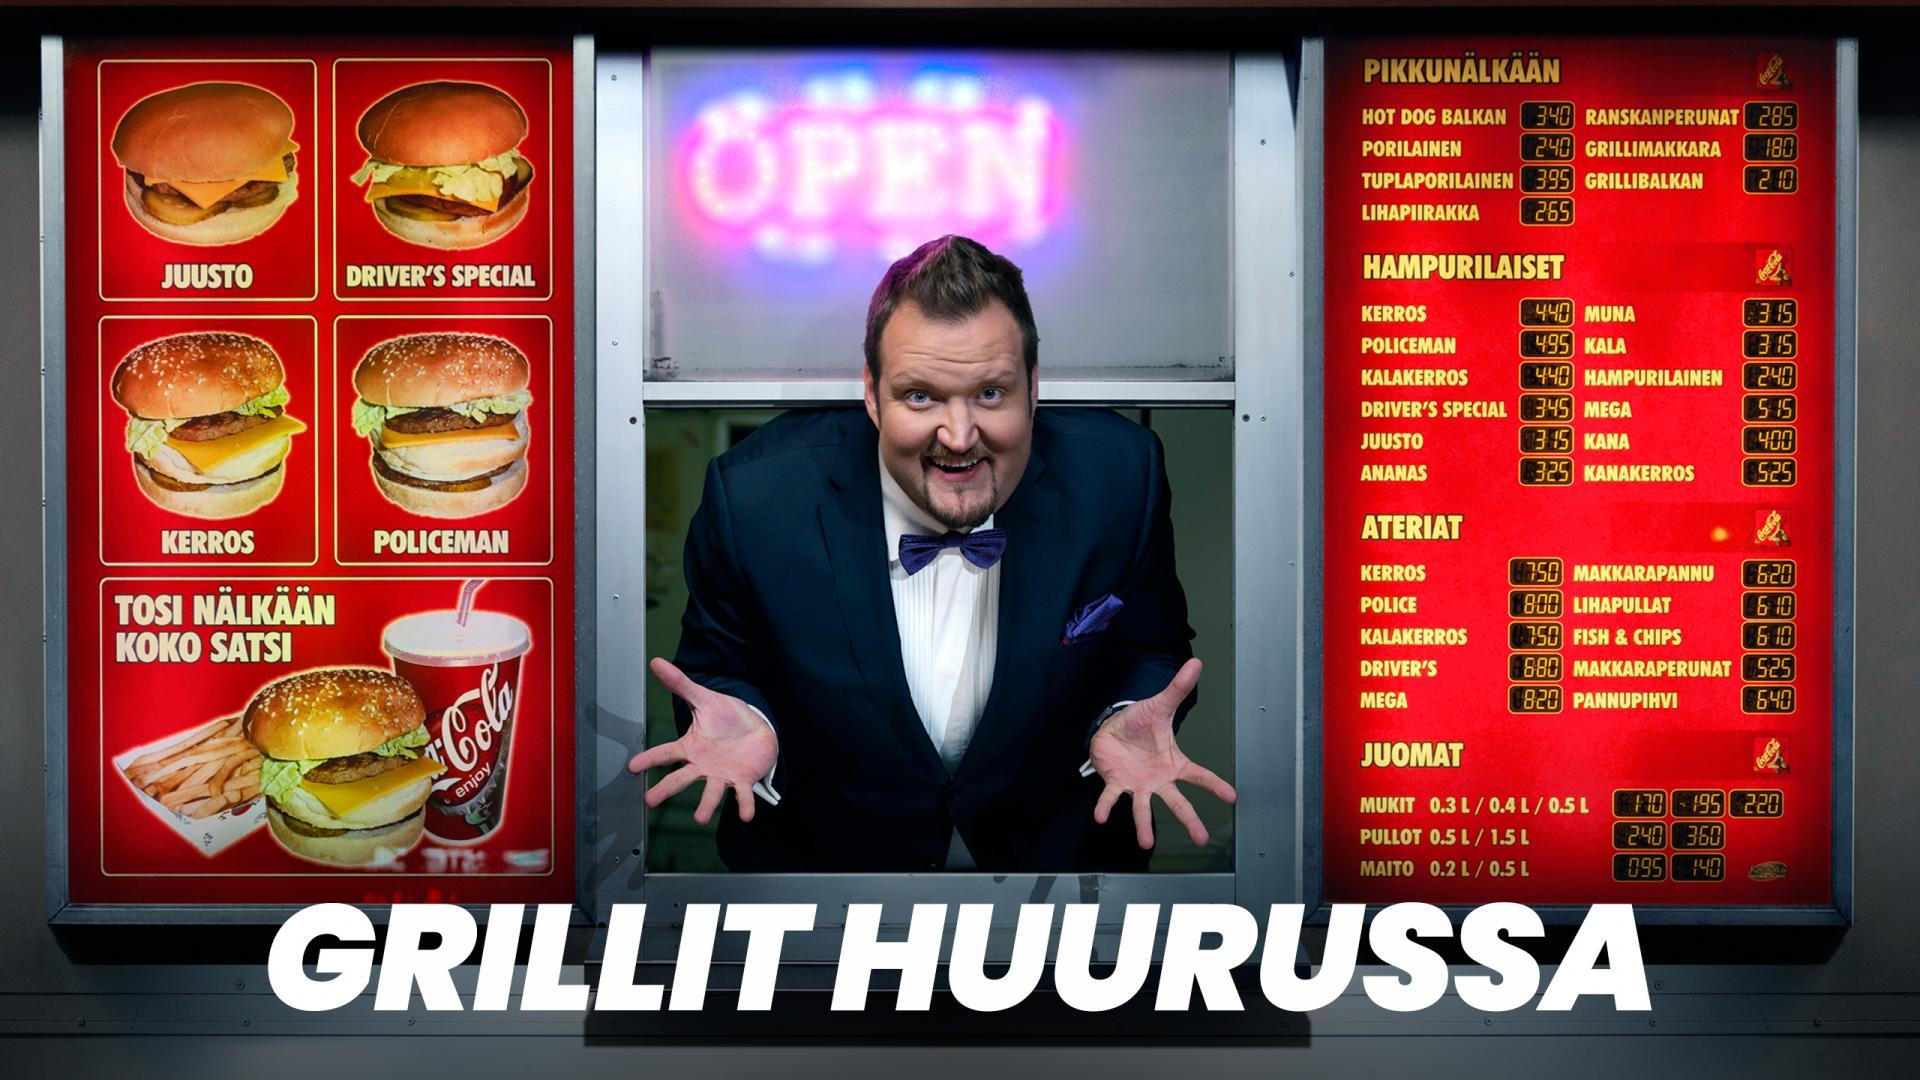 Grillit Huurussa Oulu